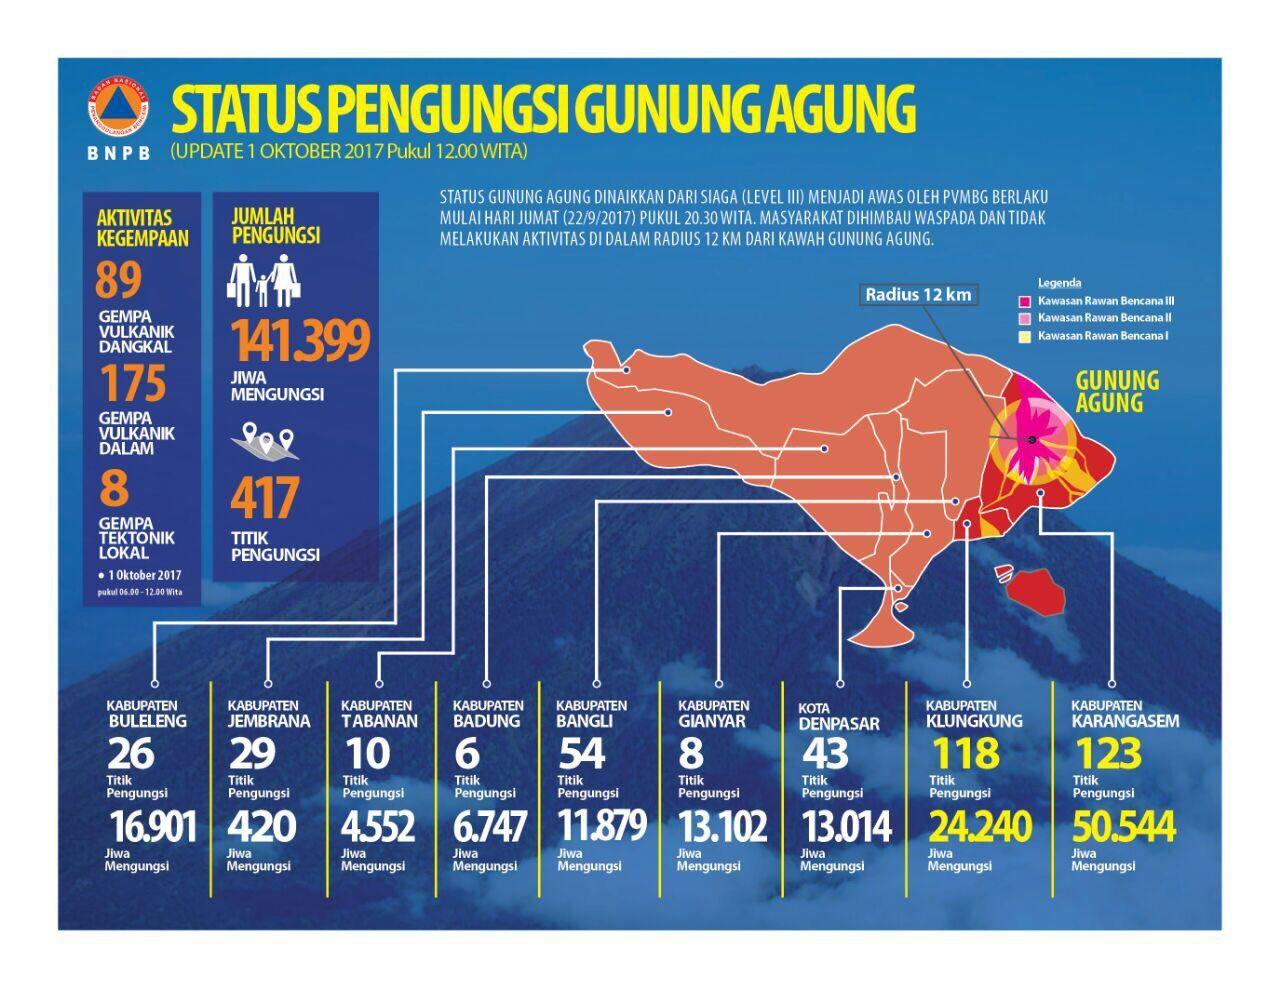 Agung - tableau synthétique du nombre de réfugiés et de leur localisation au 01.10.2017 / 12h locale - Doc BNPB